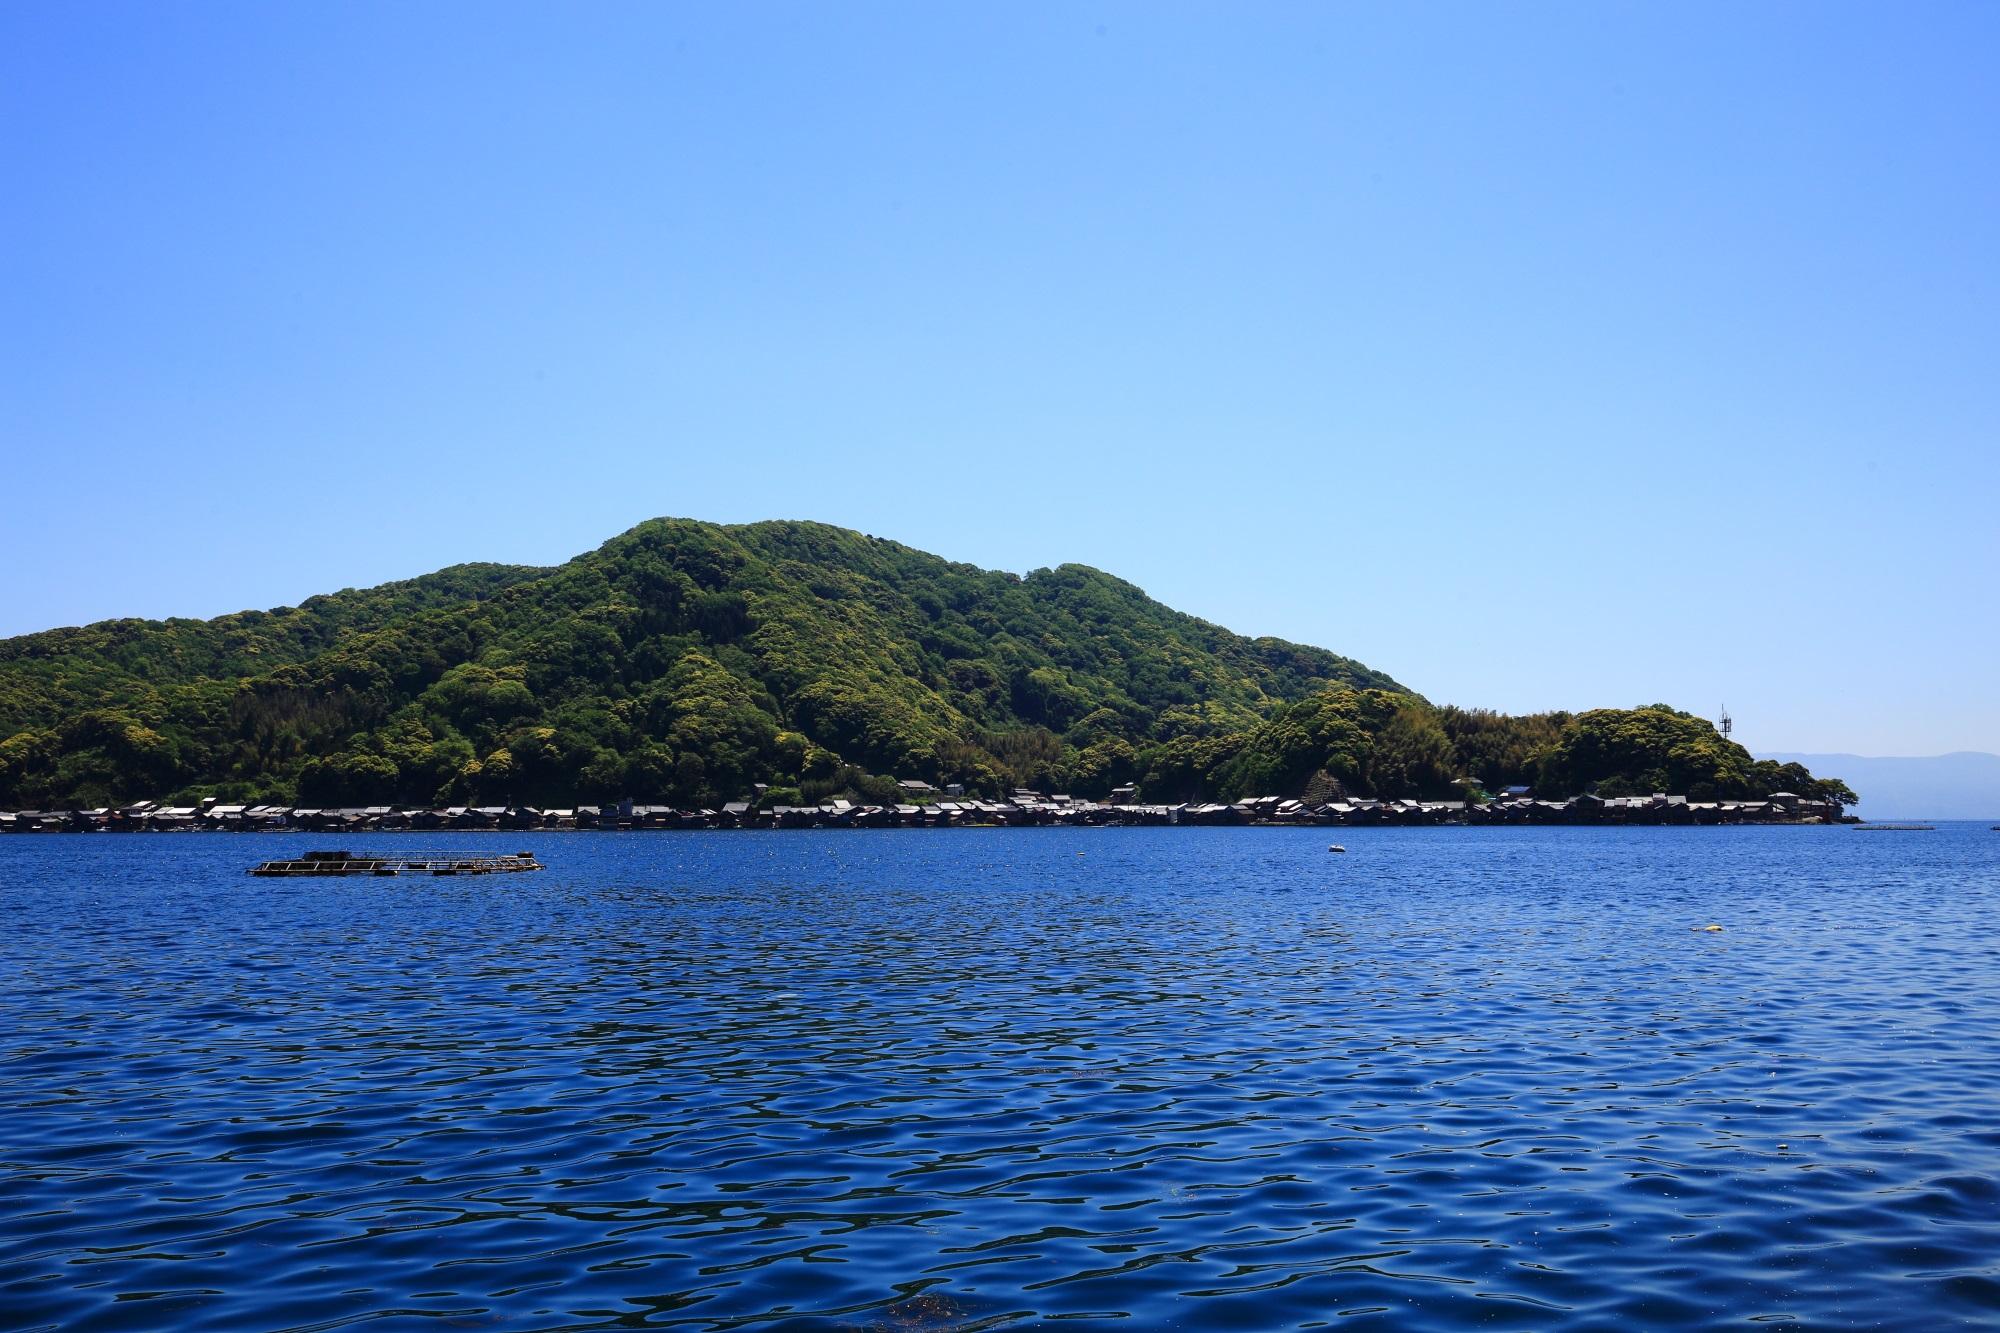 遊覧船から眺めた伊根湾と舟屋群